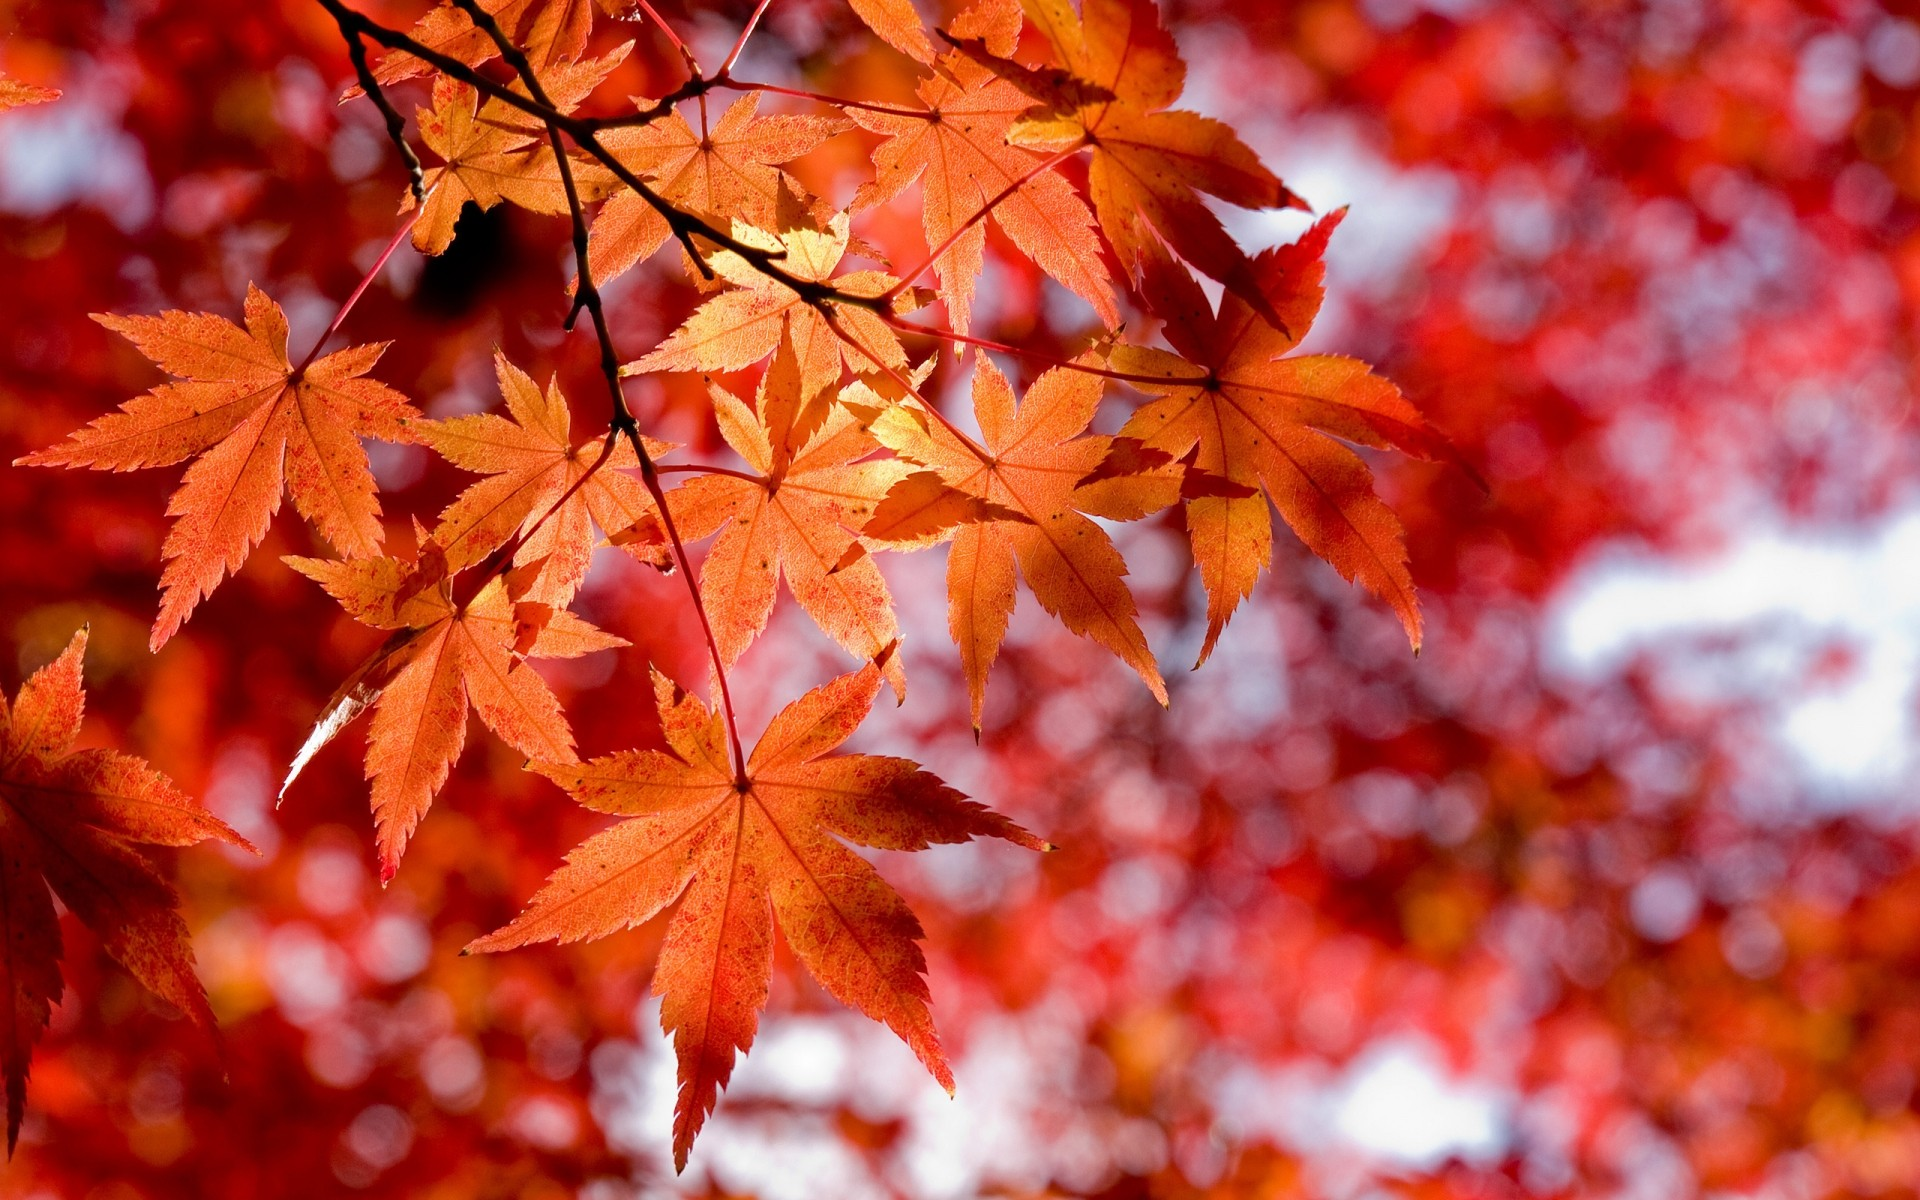 красивые картинки про осень на рабочий стол смогут